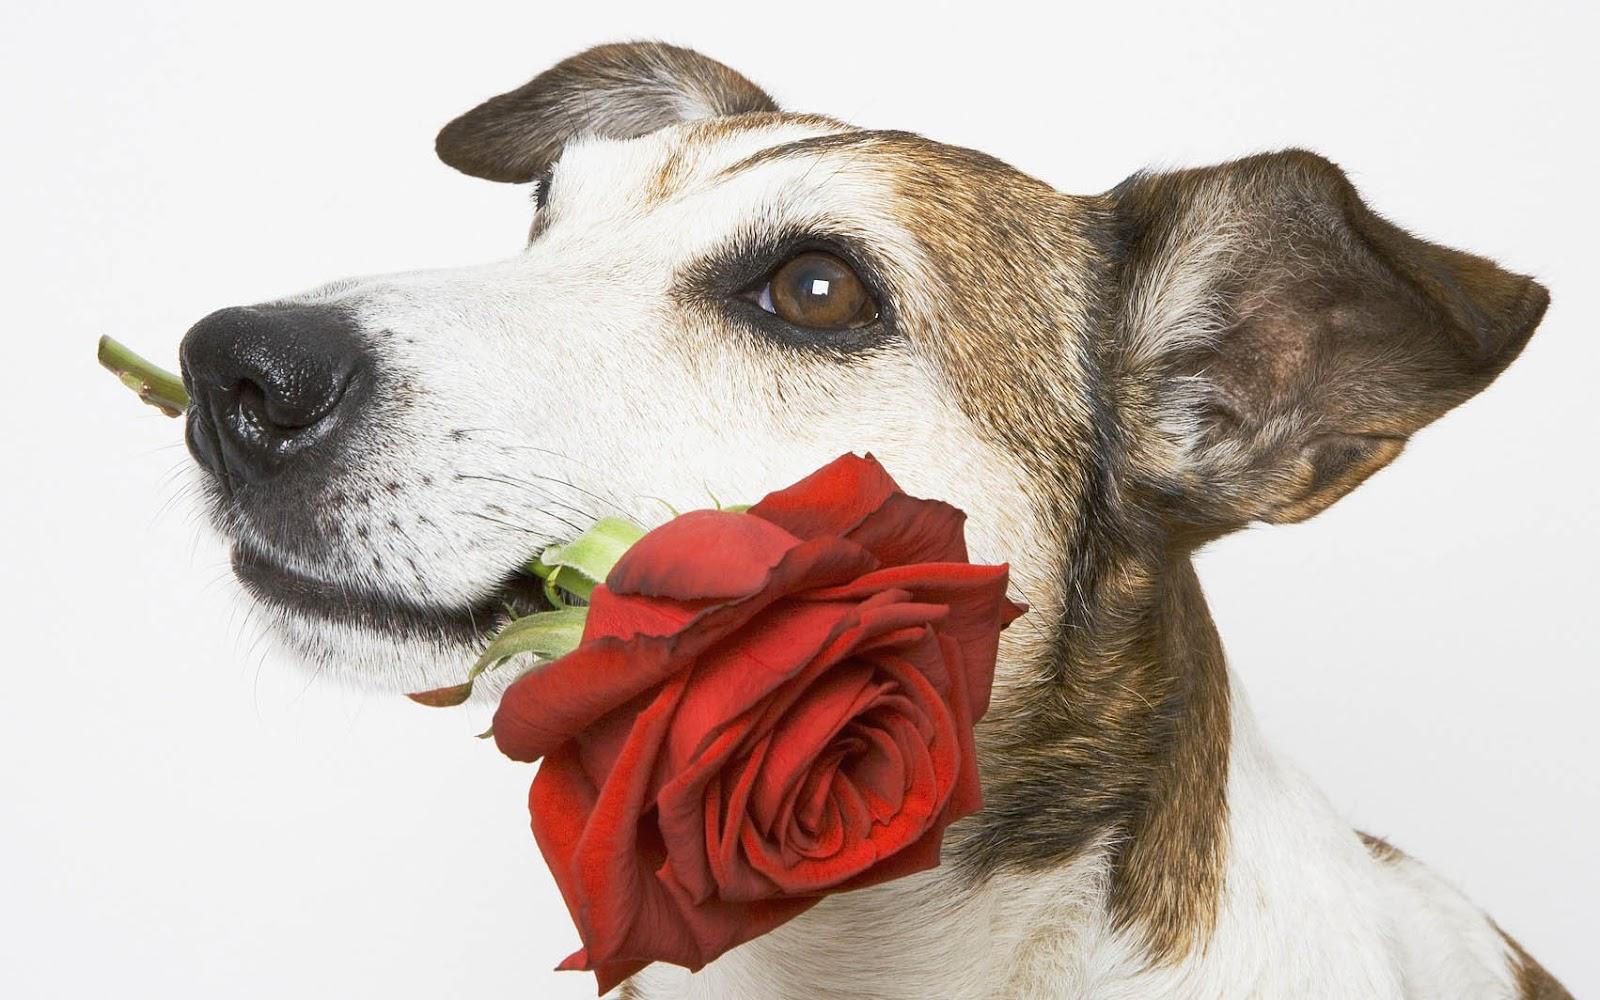 Met een hond met een roos in zijn bek hd bloemen wallpaper foto